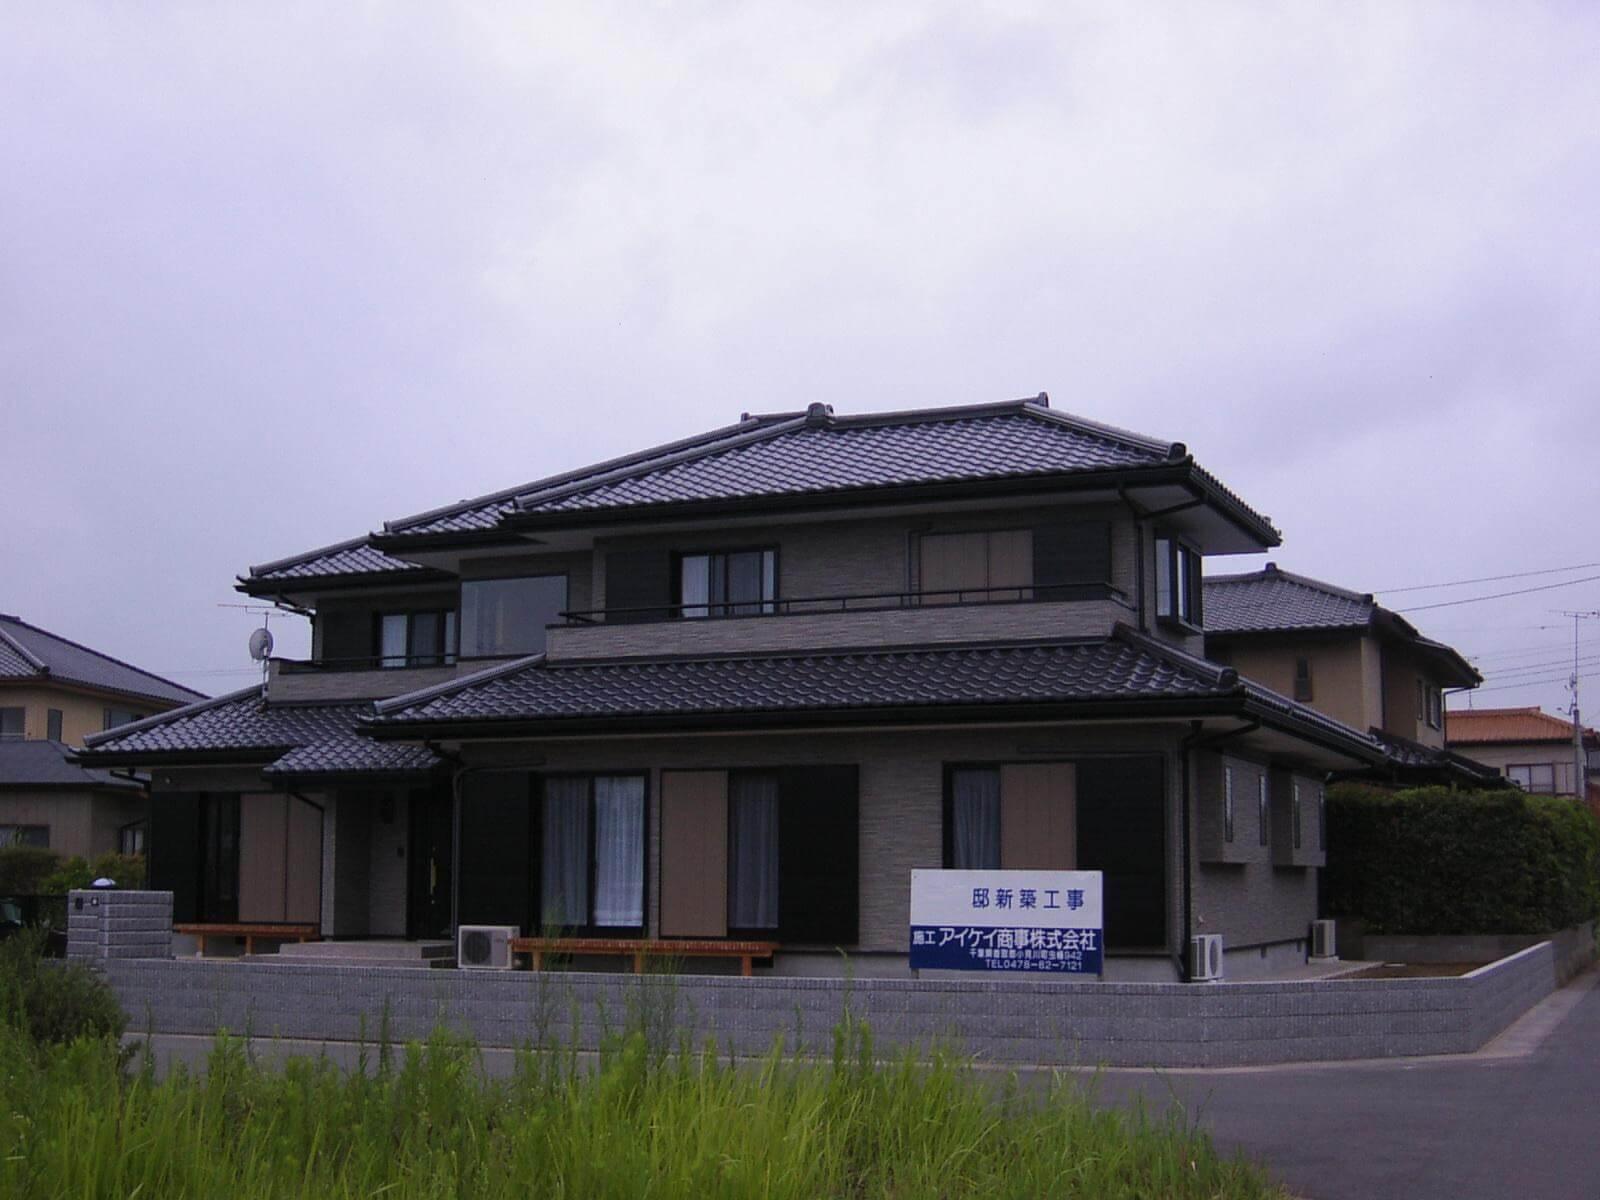 神栖市 S邸